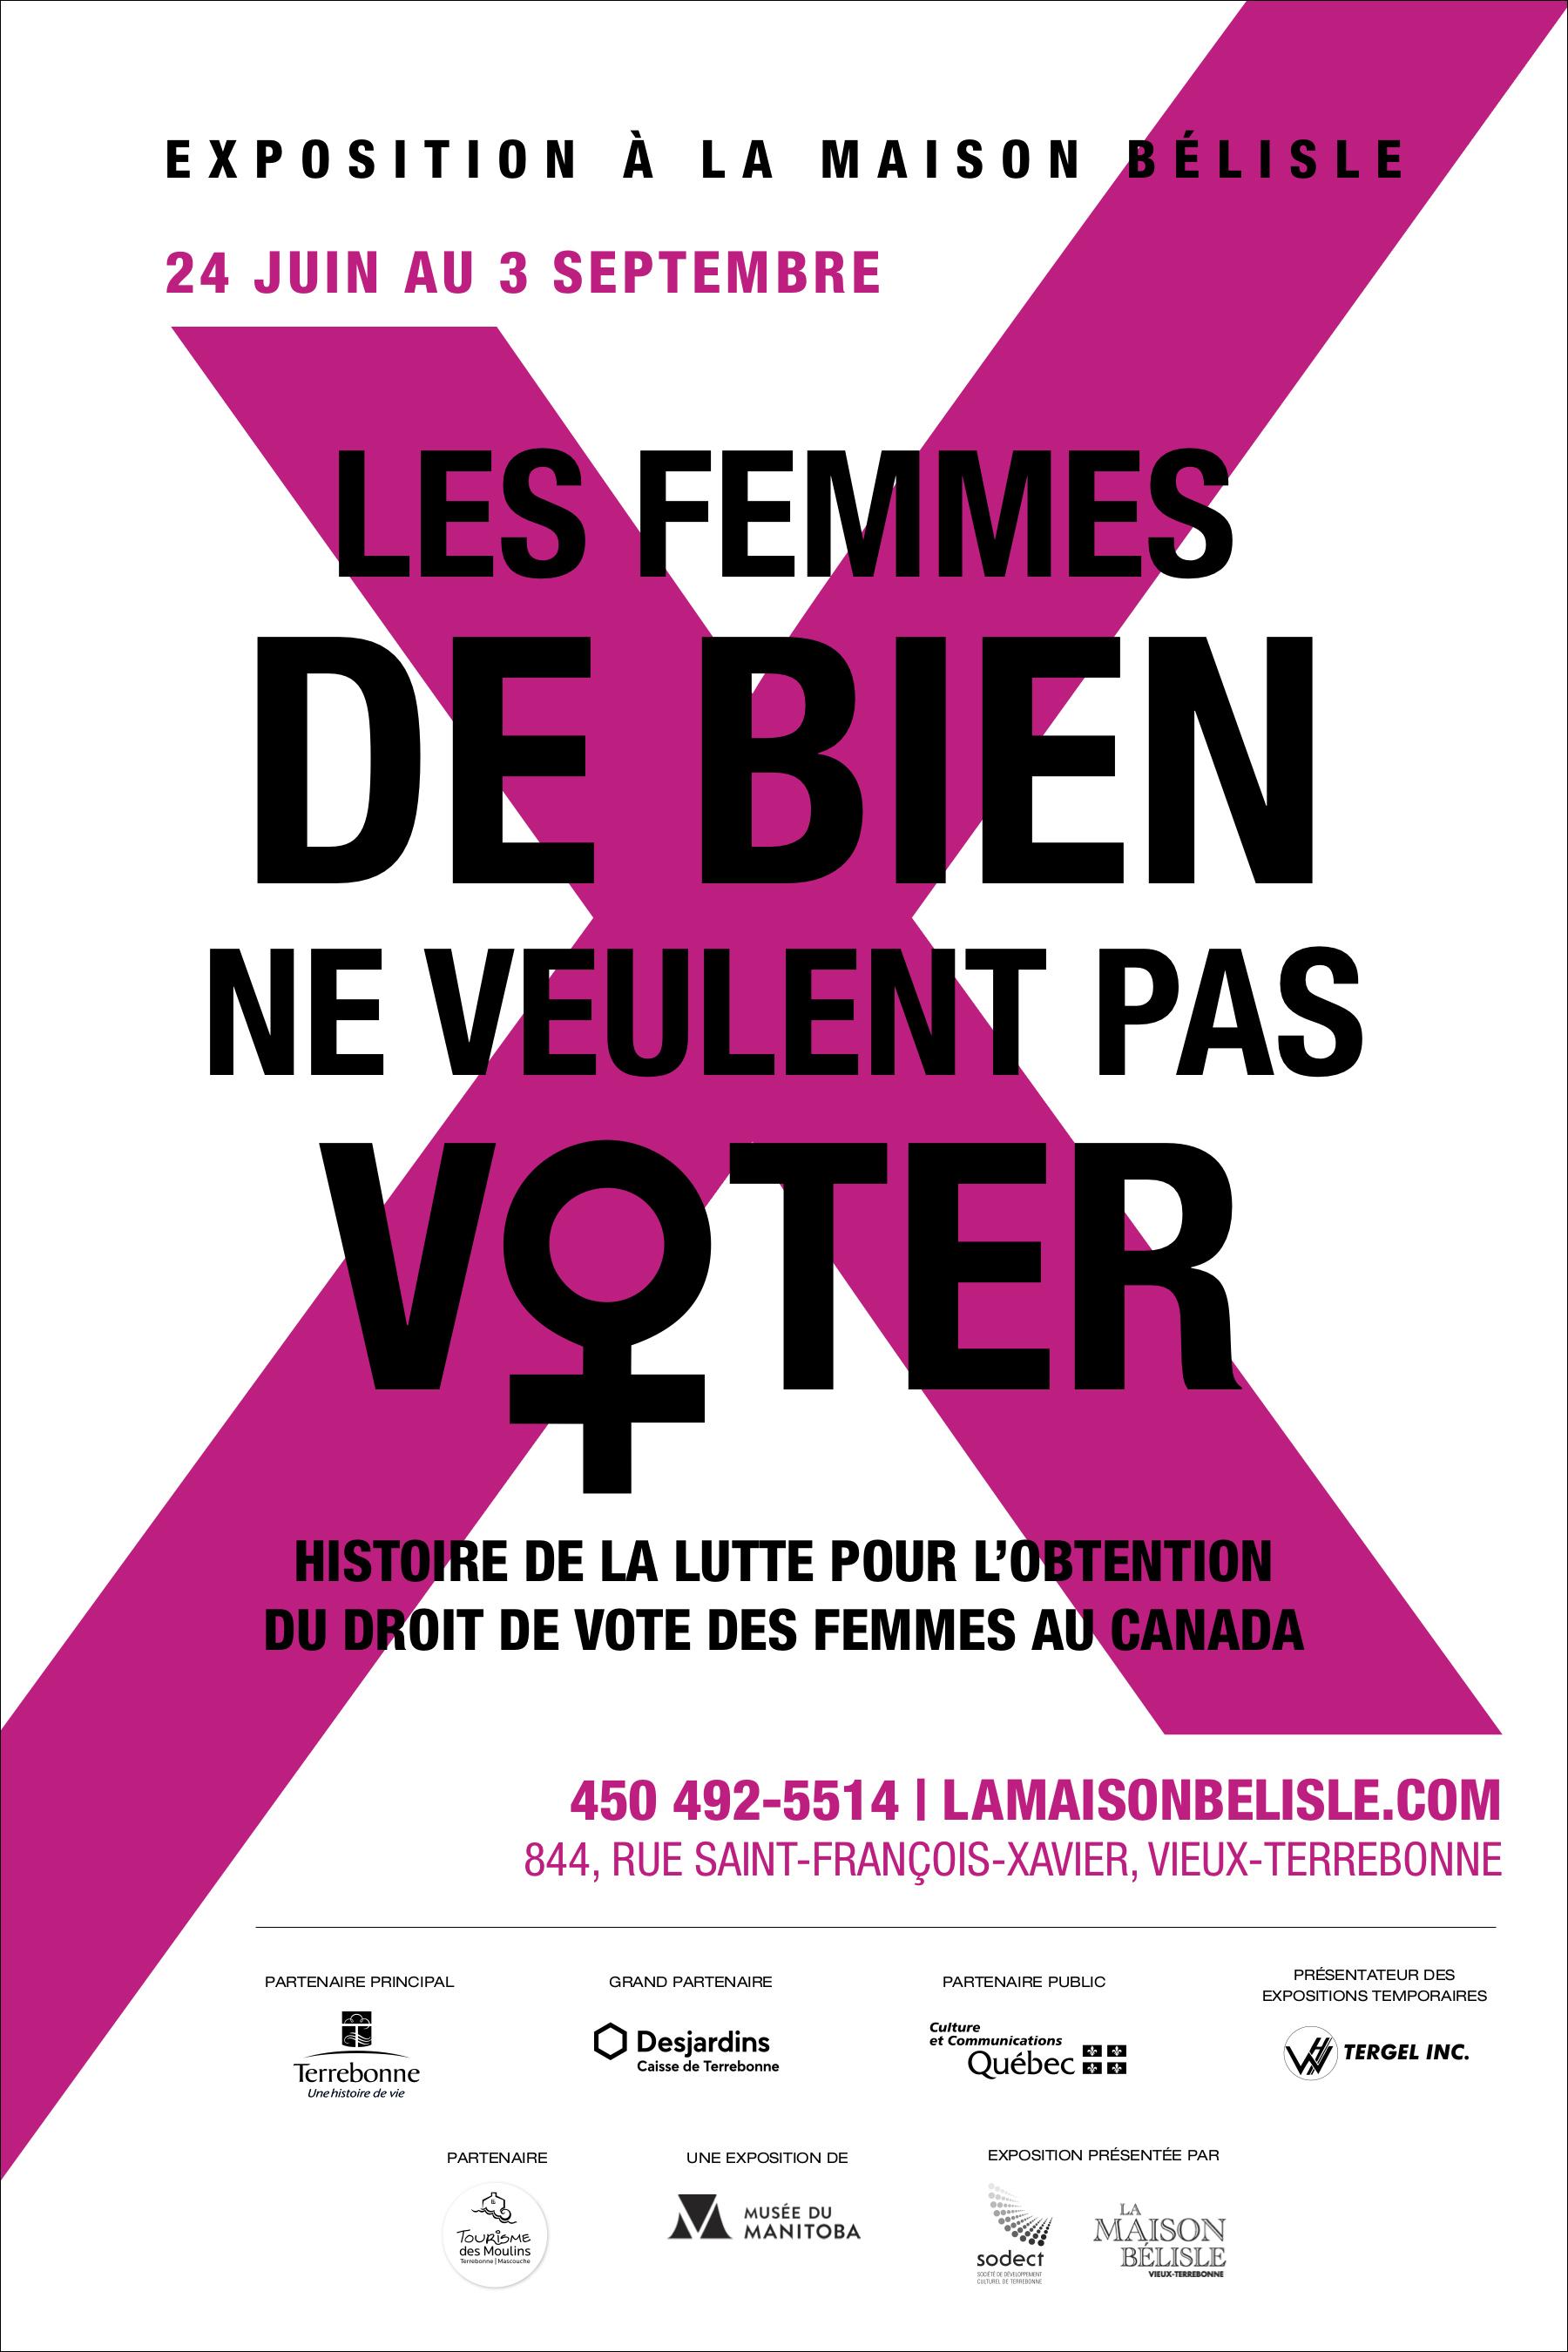 exposition-les-femmes-de-bien-ne-veulent-pas-voter-affiche1.jpg